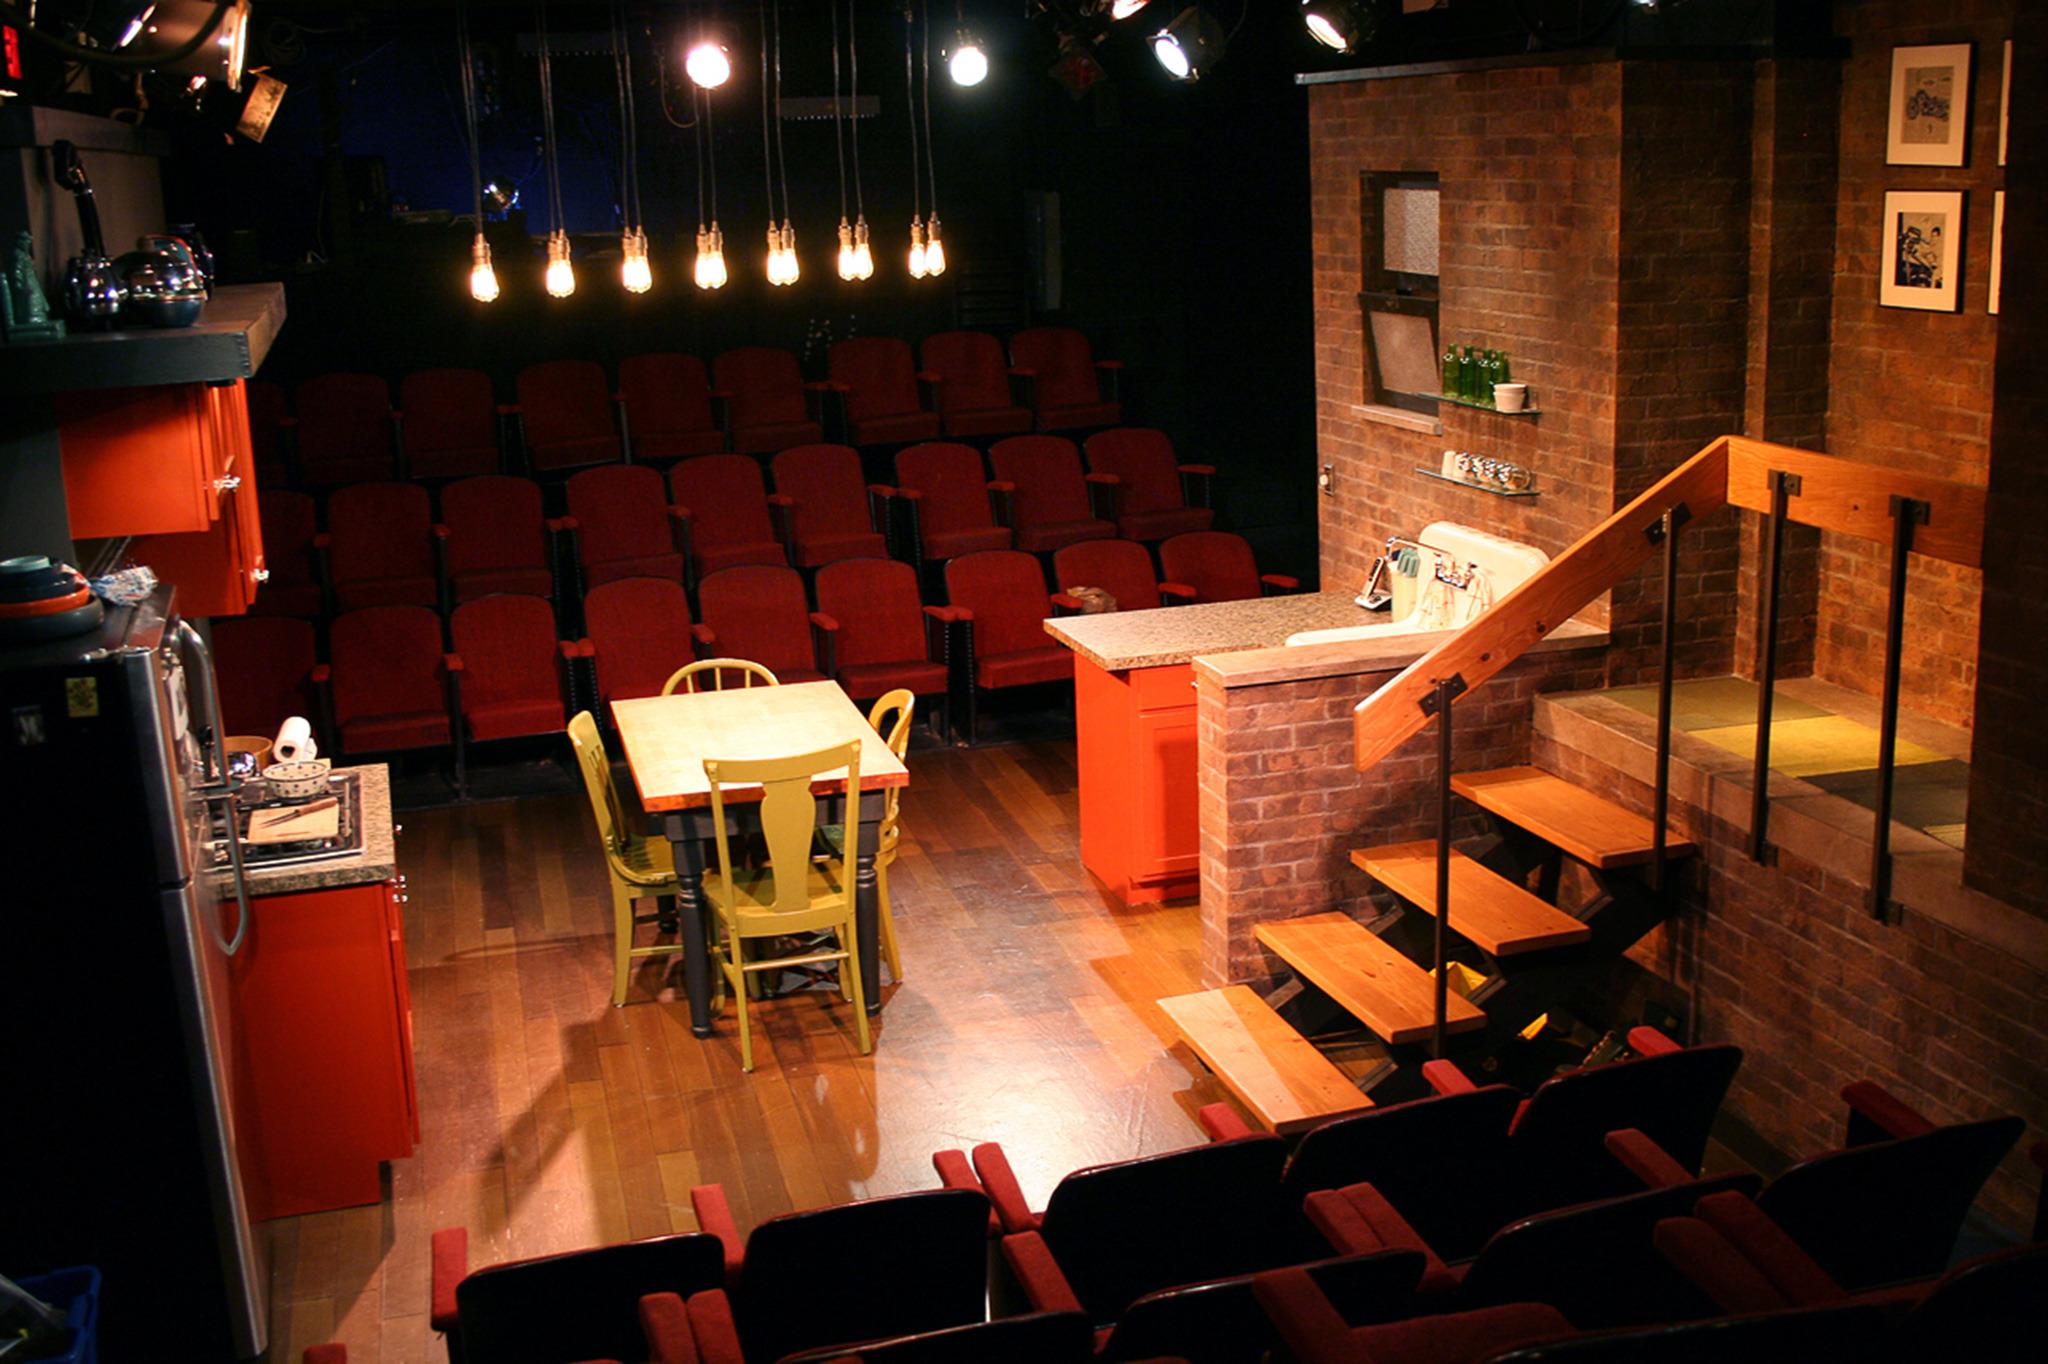 ProfilesTheaterTheAlleyStage.Venue.jpg